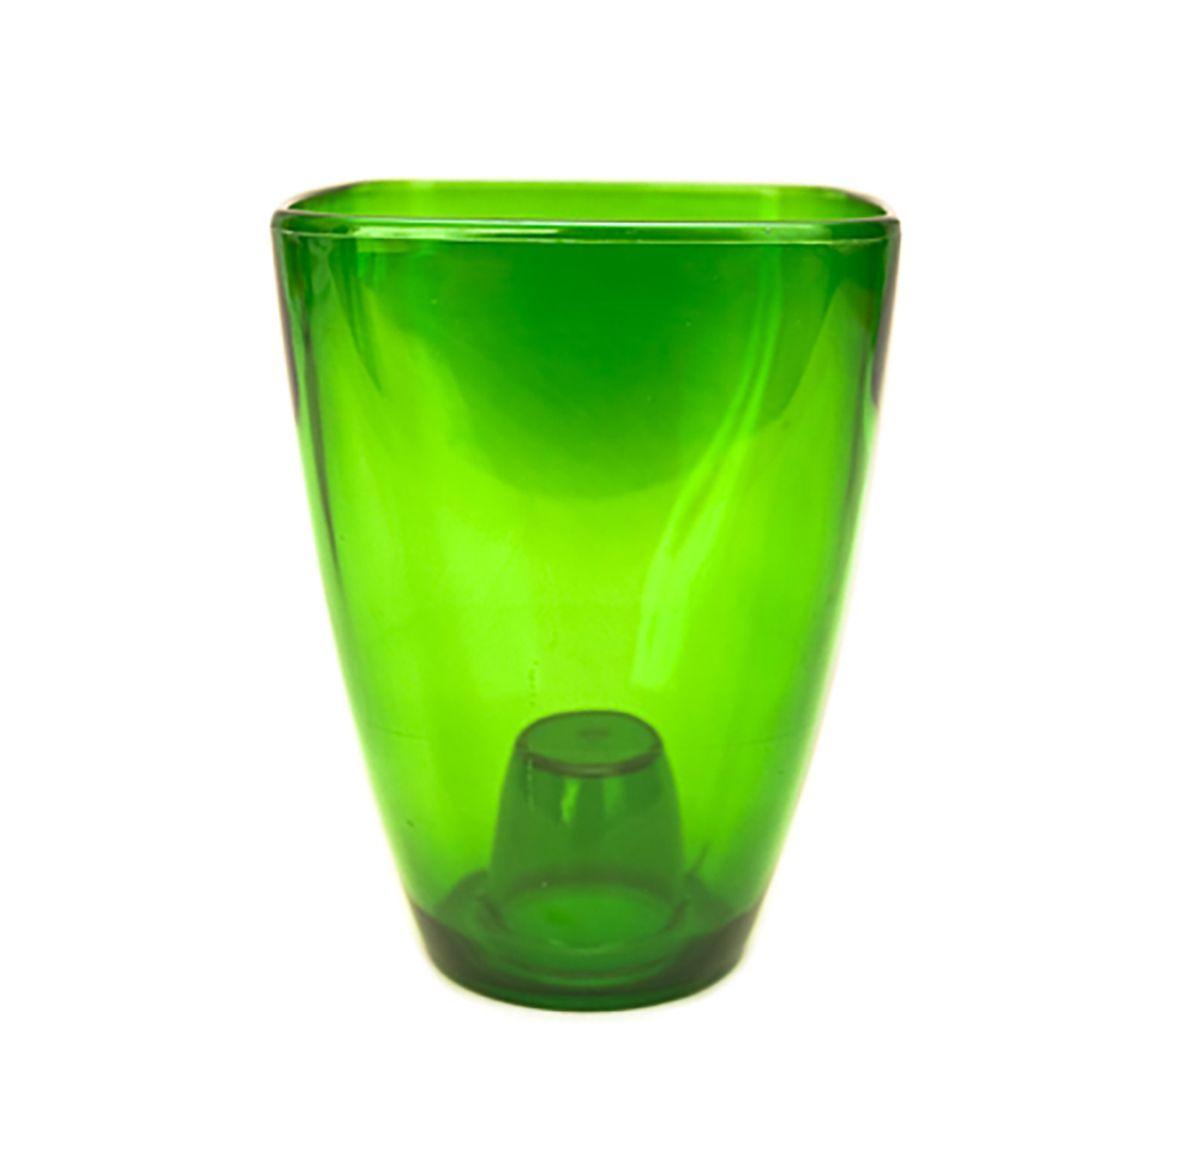 Кашпо для орхидей Form-Plastic Орхидея, цвет: зеленый, 13 х 13 х 17 см fimo kids form